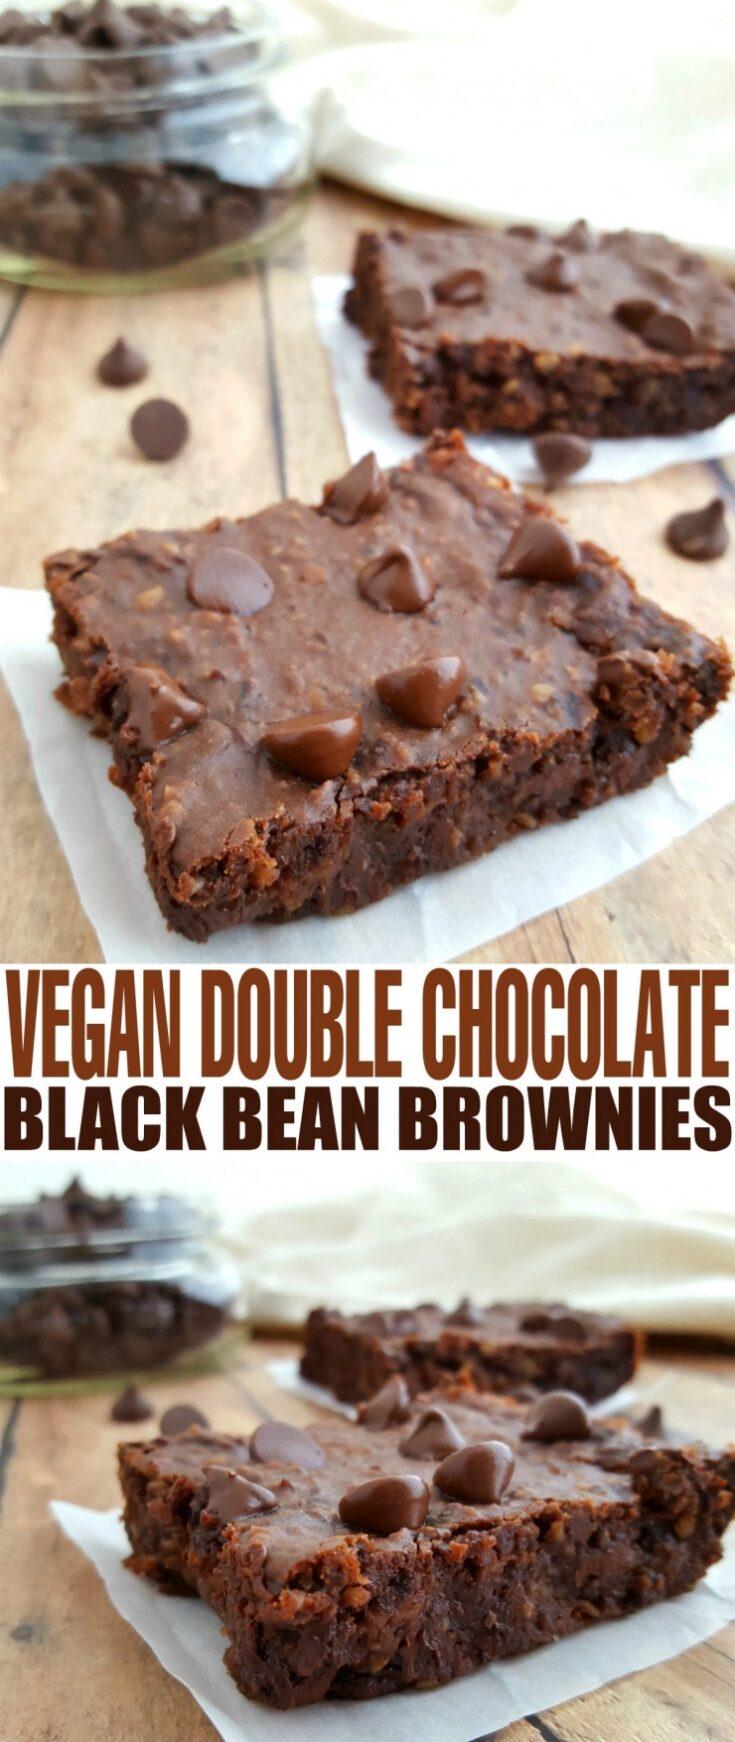 Vegan Double Chocolate Black Bean Brownies